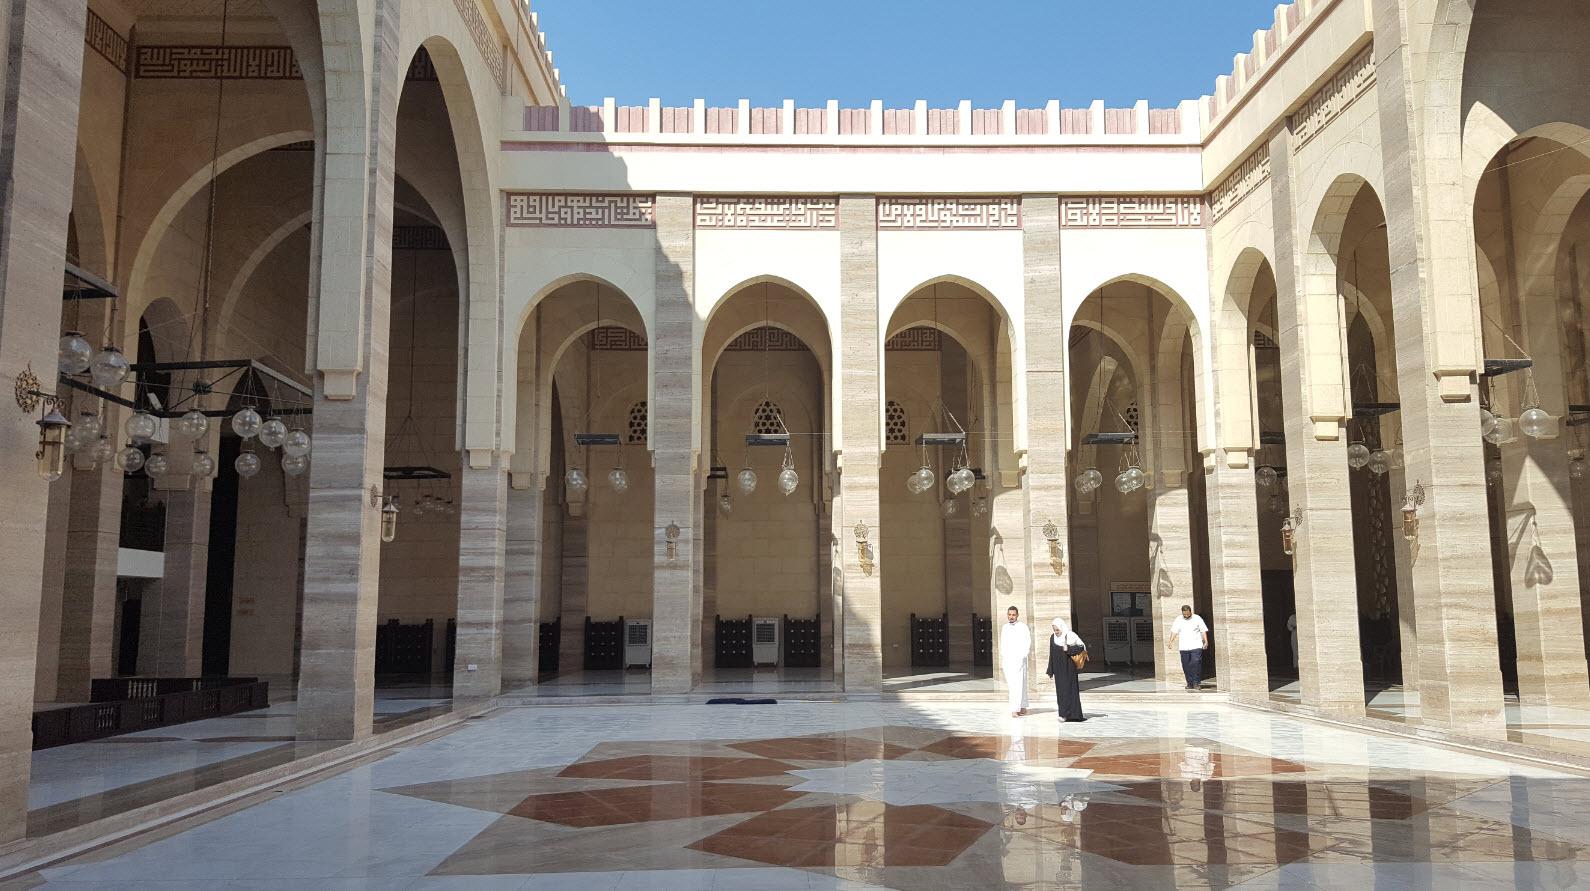 Mosque Bahrain 8